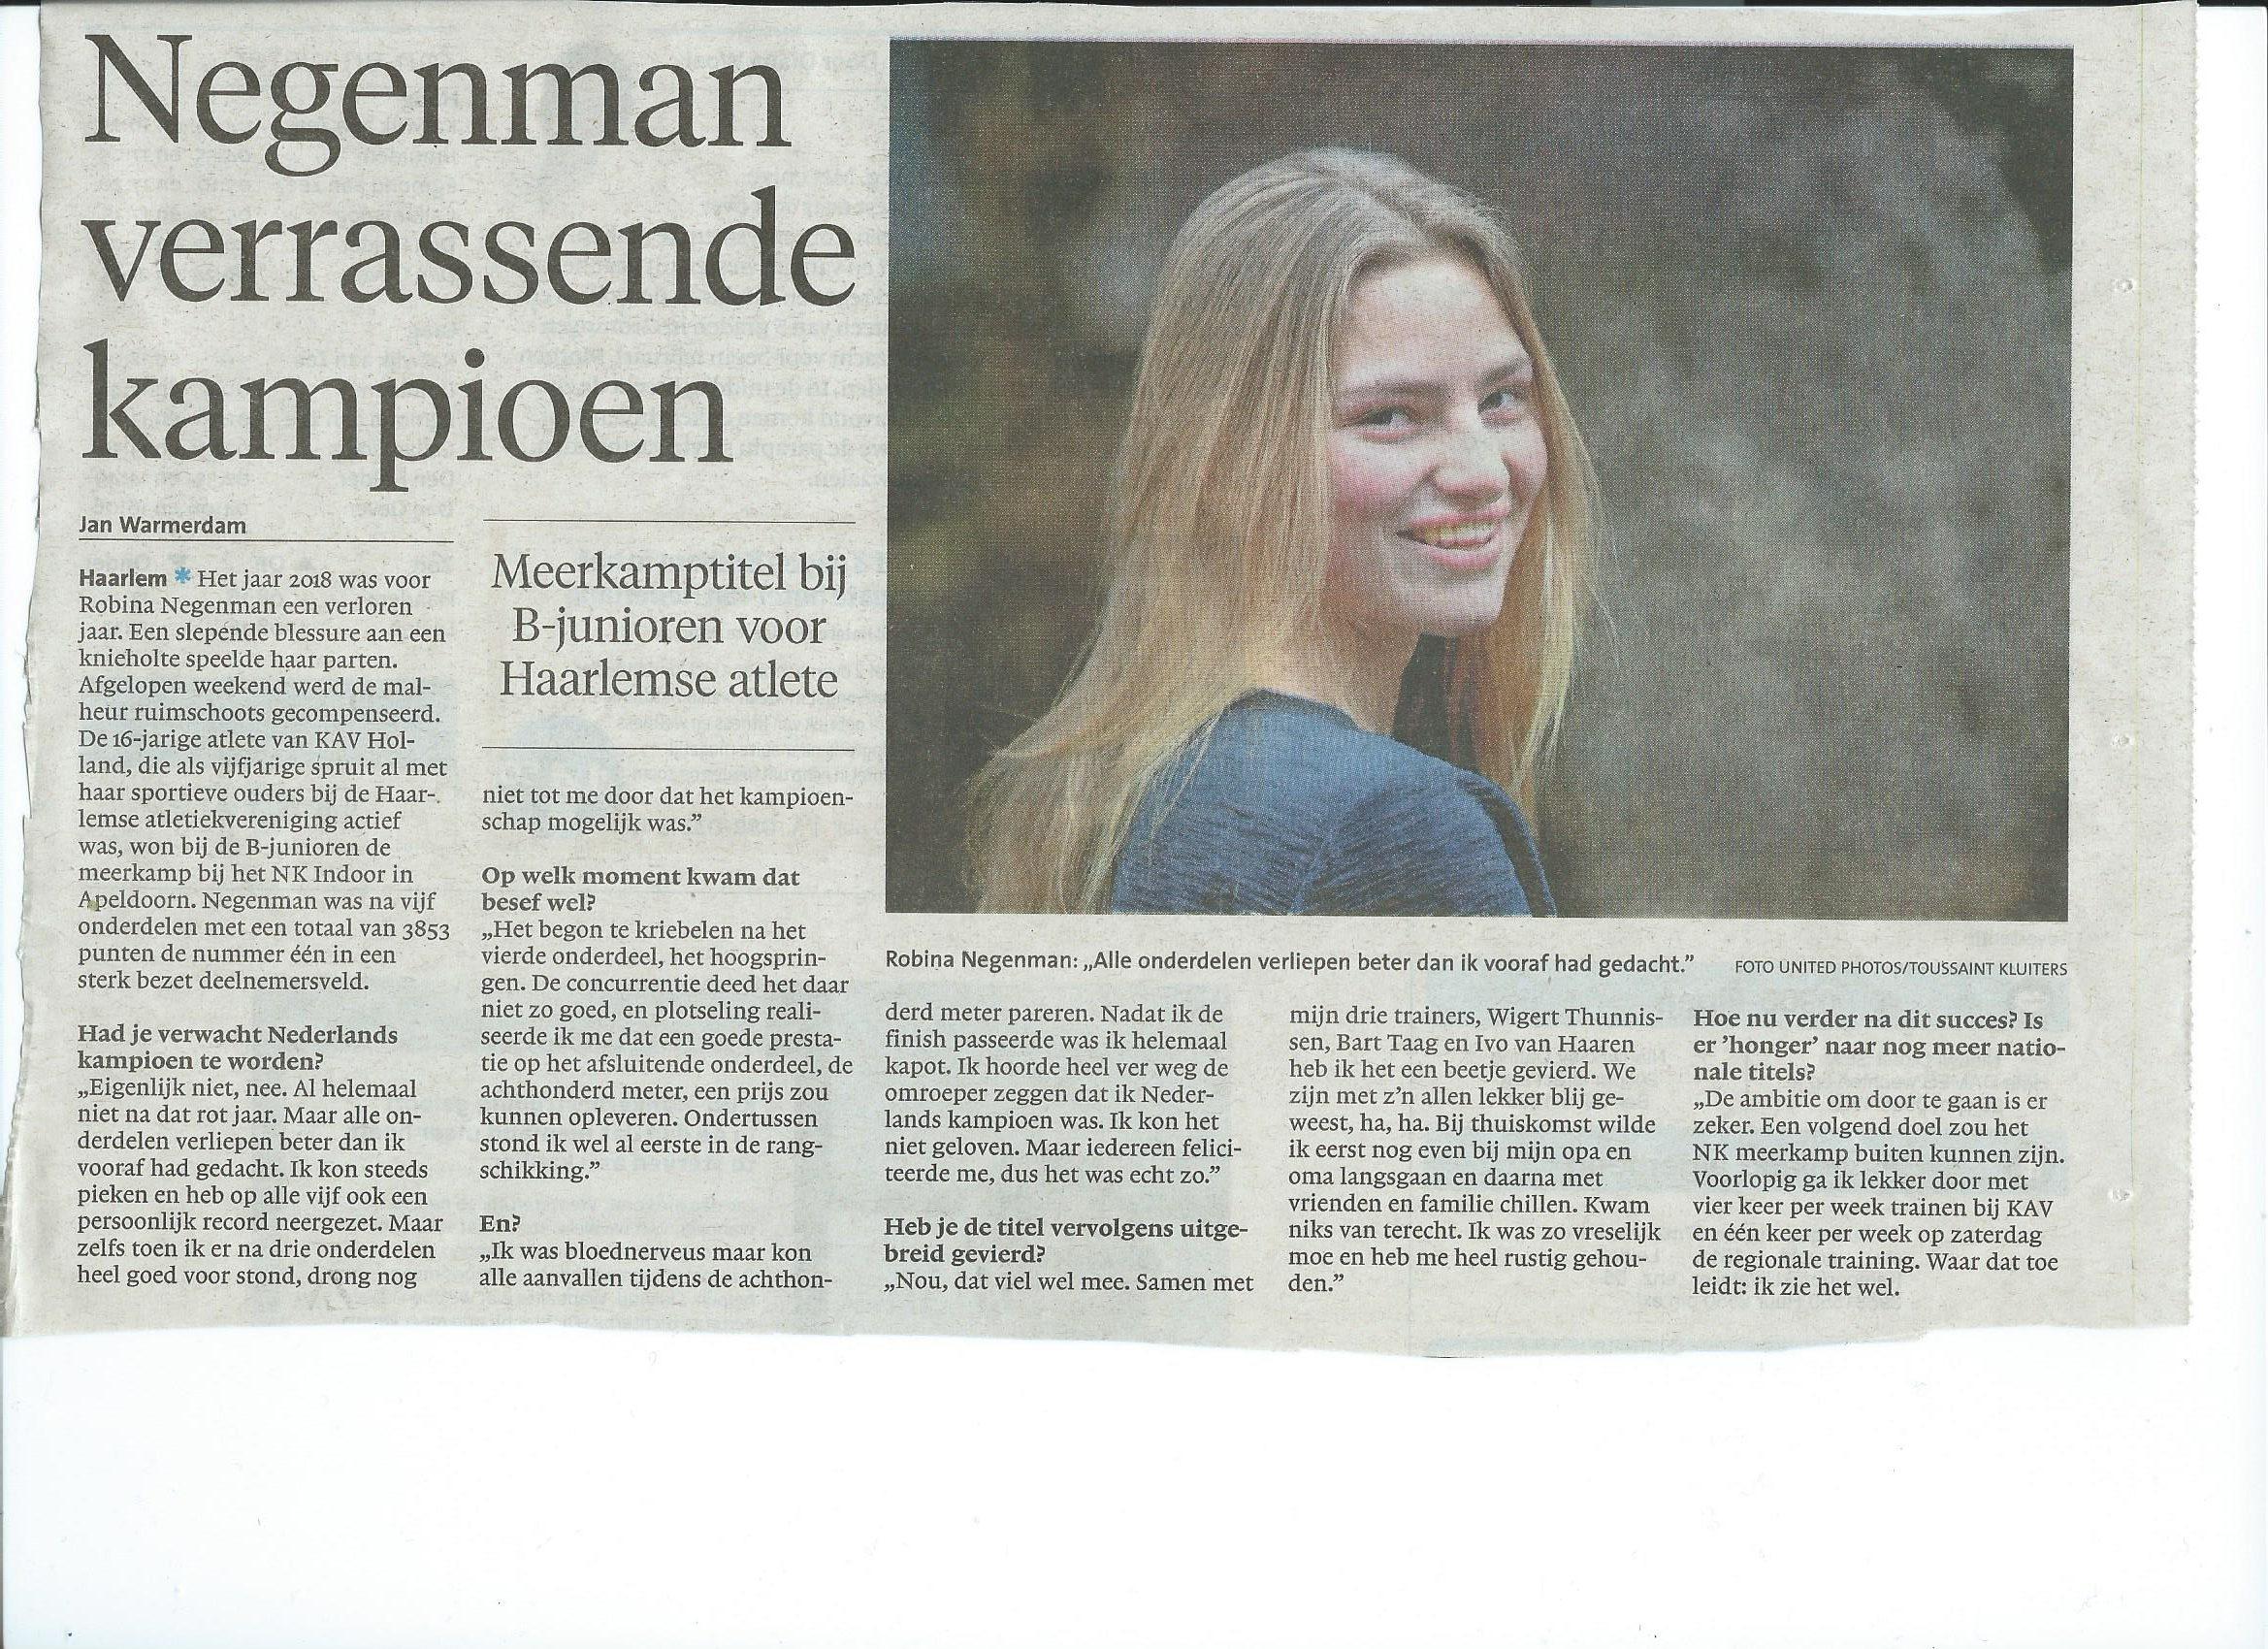 Robina Negenman kampioene vijfkamp